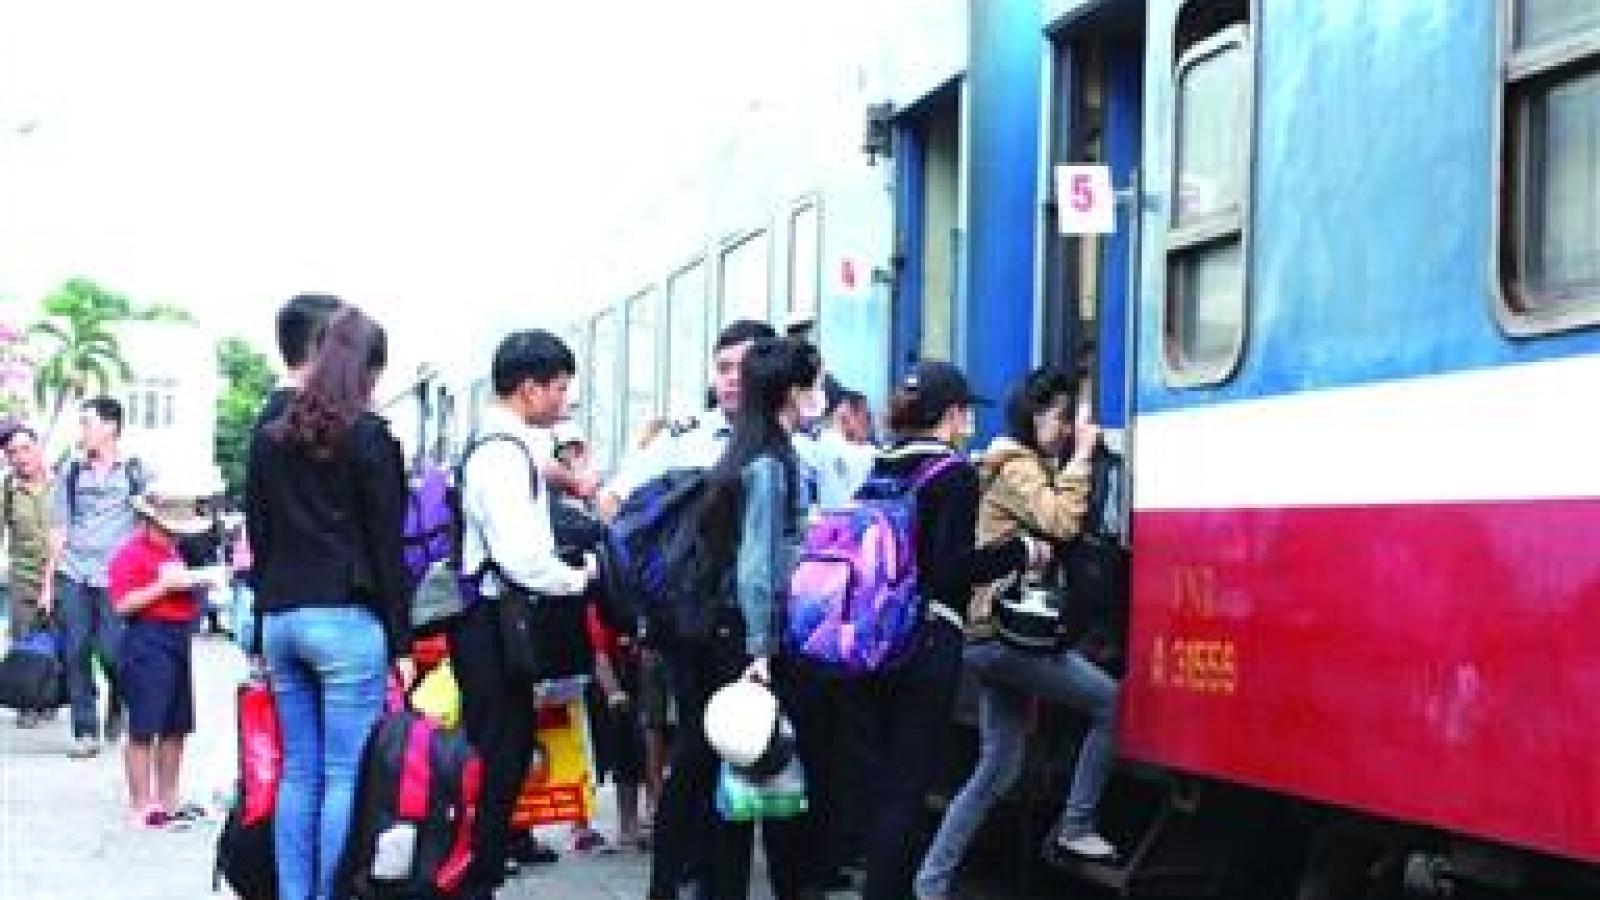 Sẽ có các chuyến tàu chuyên biệt đưa người từ TP.HCM về miền Trung